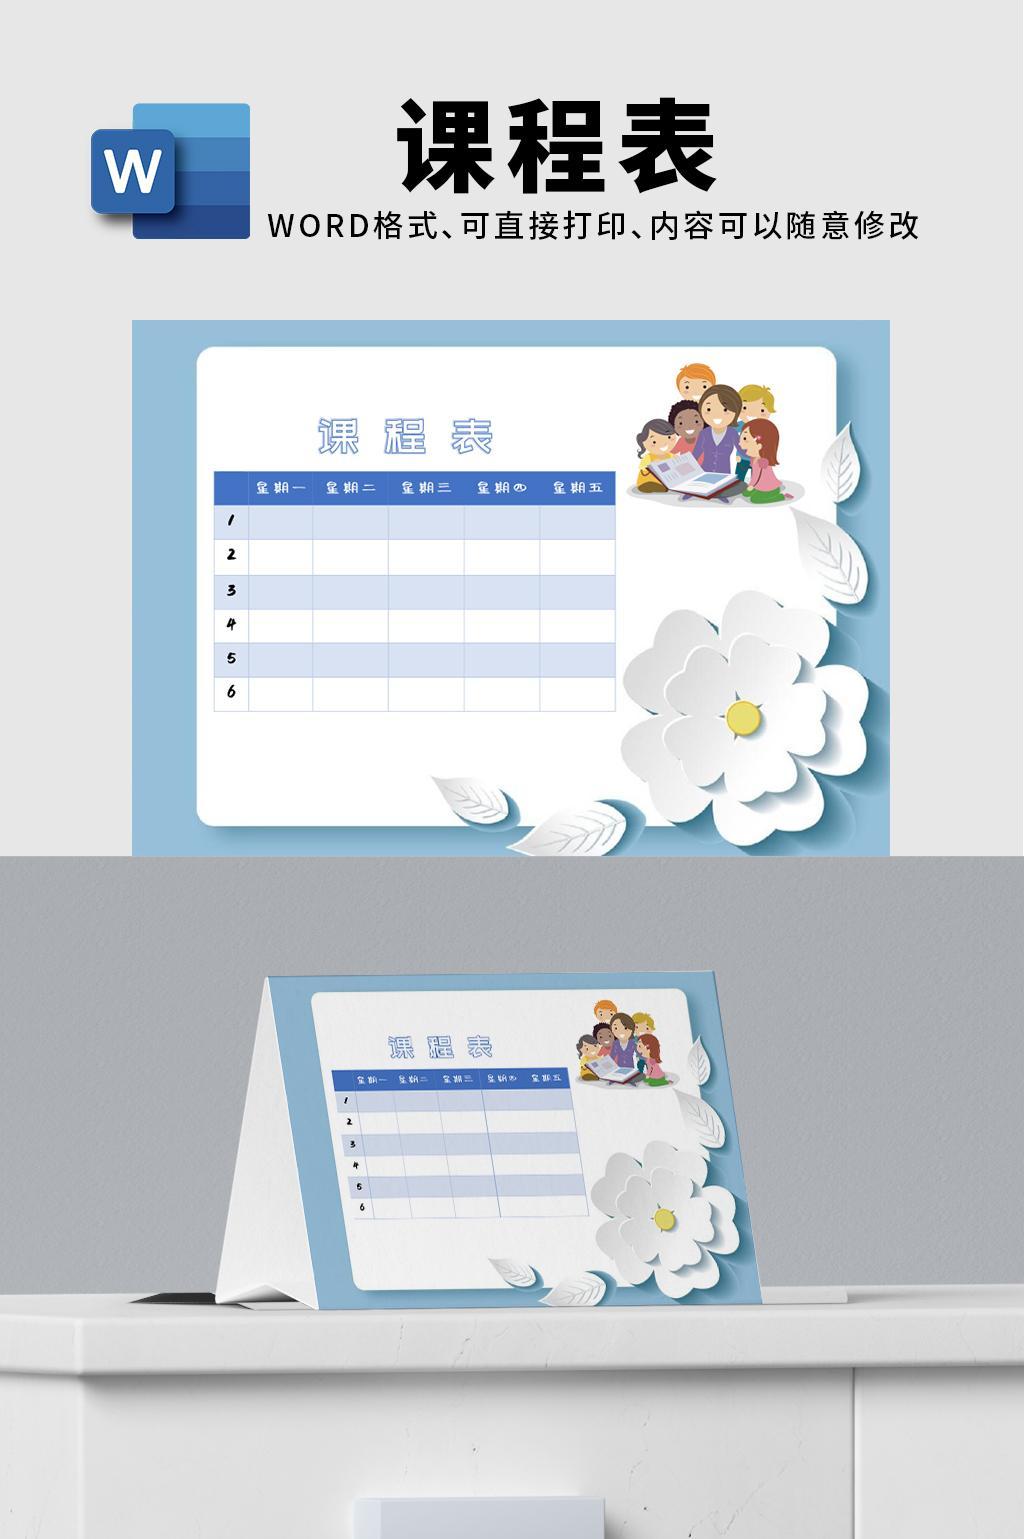 蓝色剪纸风课程表word模板